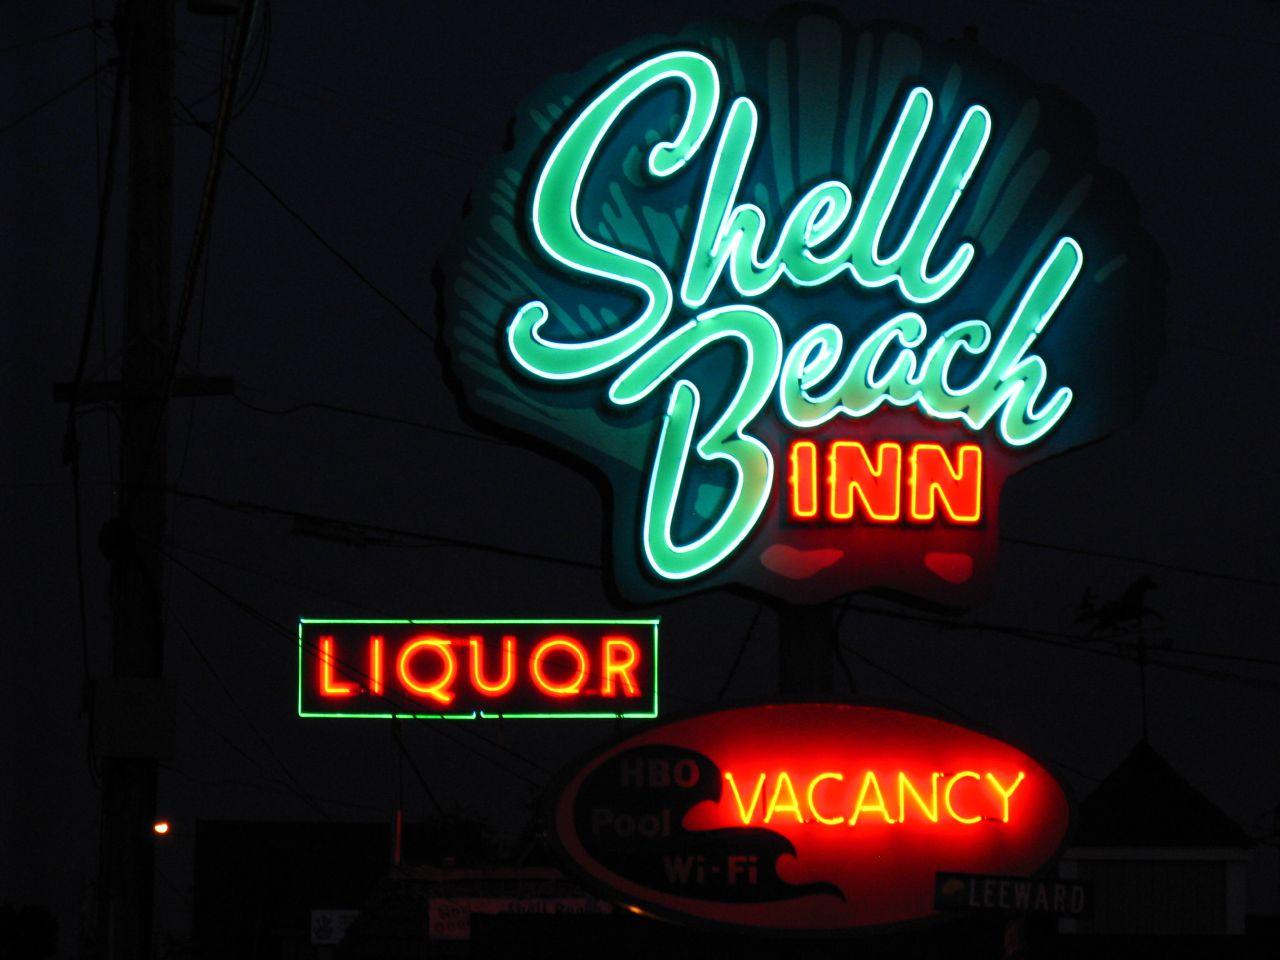 Shell Beach Inn - 653 Shell Beach Road, Pismo Beach, CA - December 1, 2009